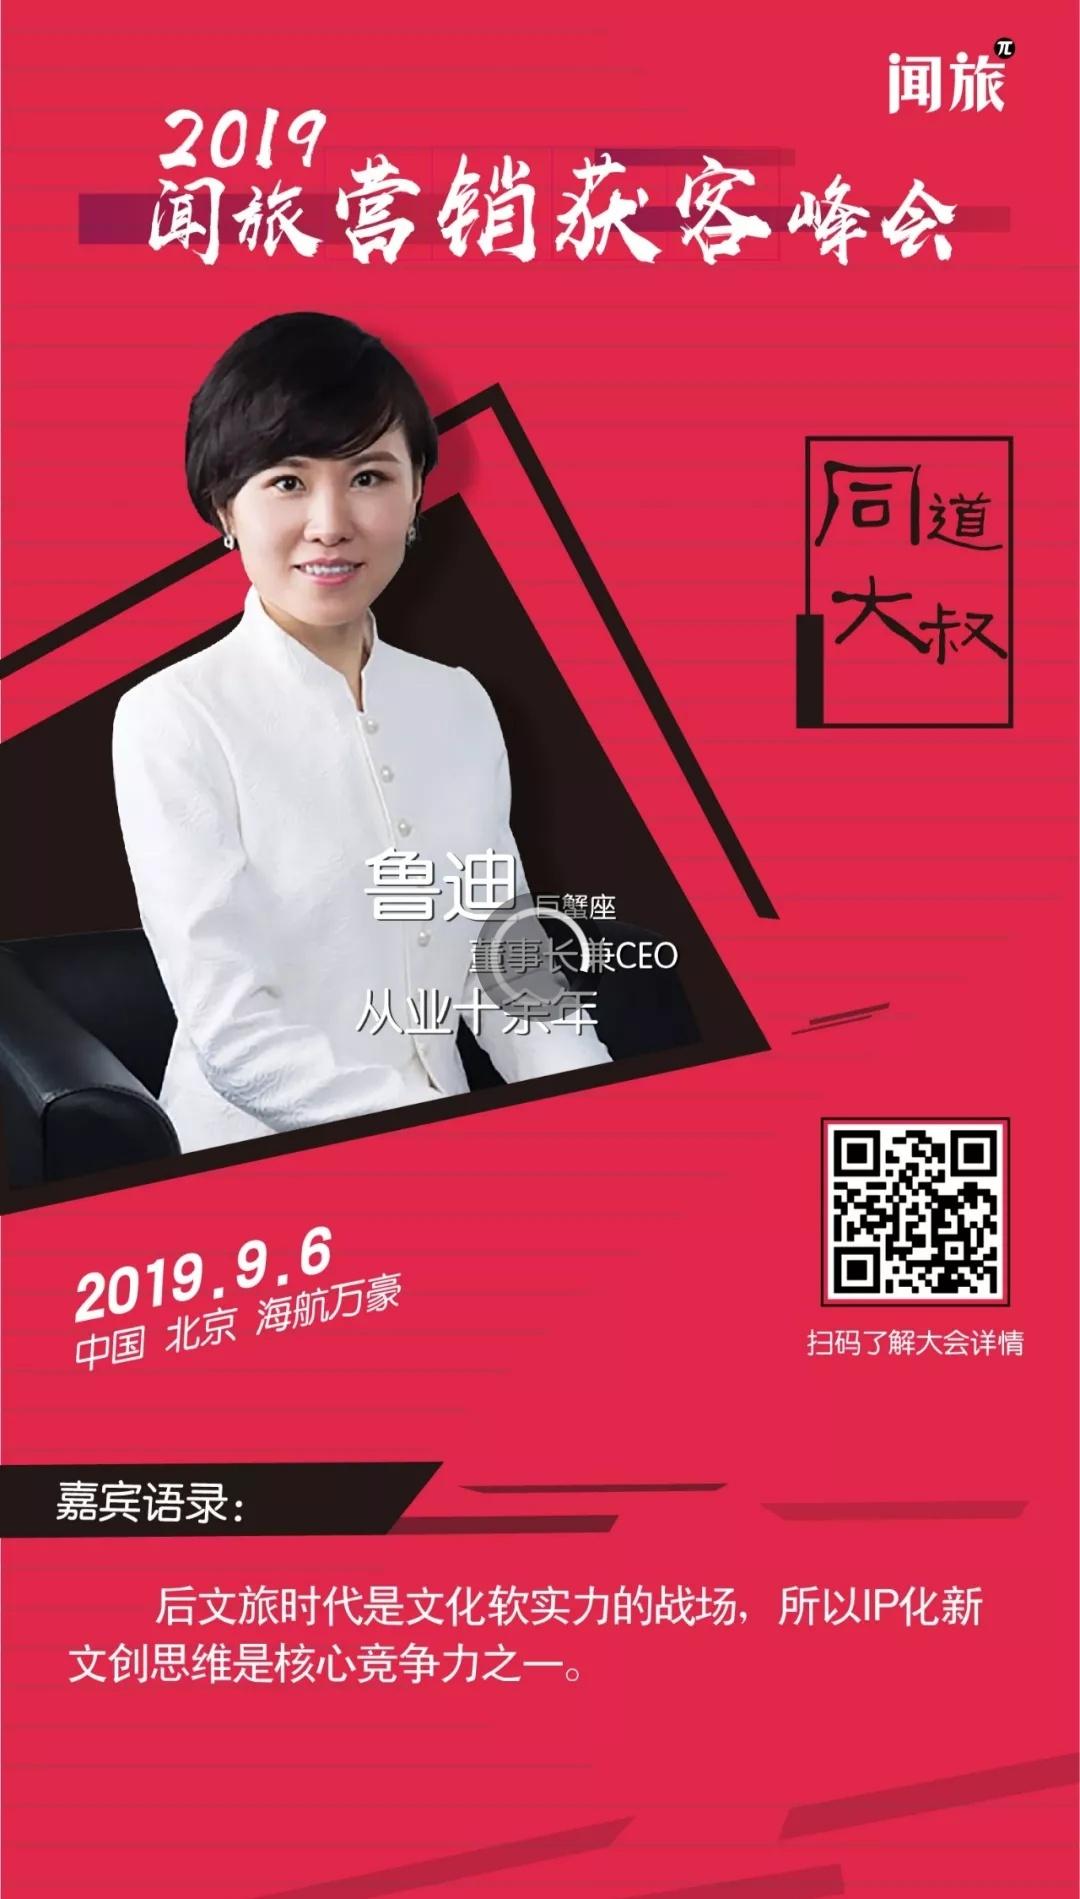 Screenshot_2019-08-02-20-48-23-358_com.tencent.mm.png